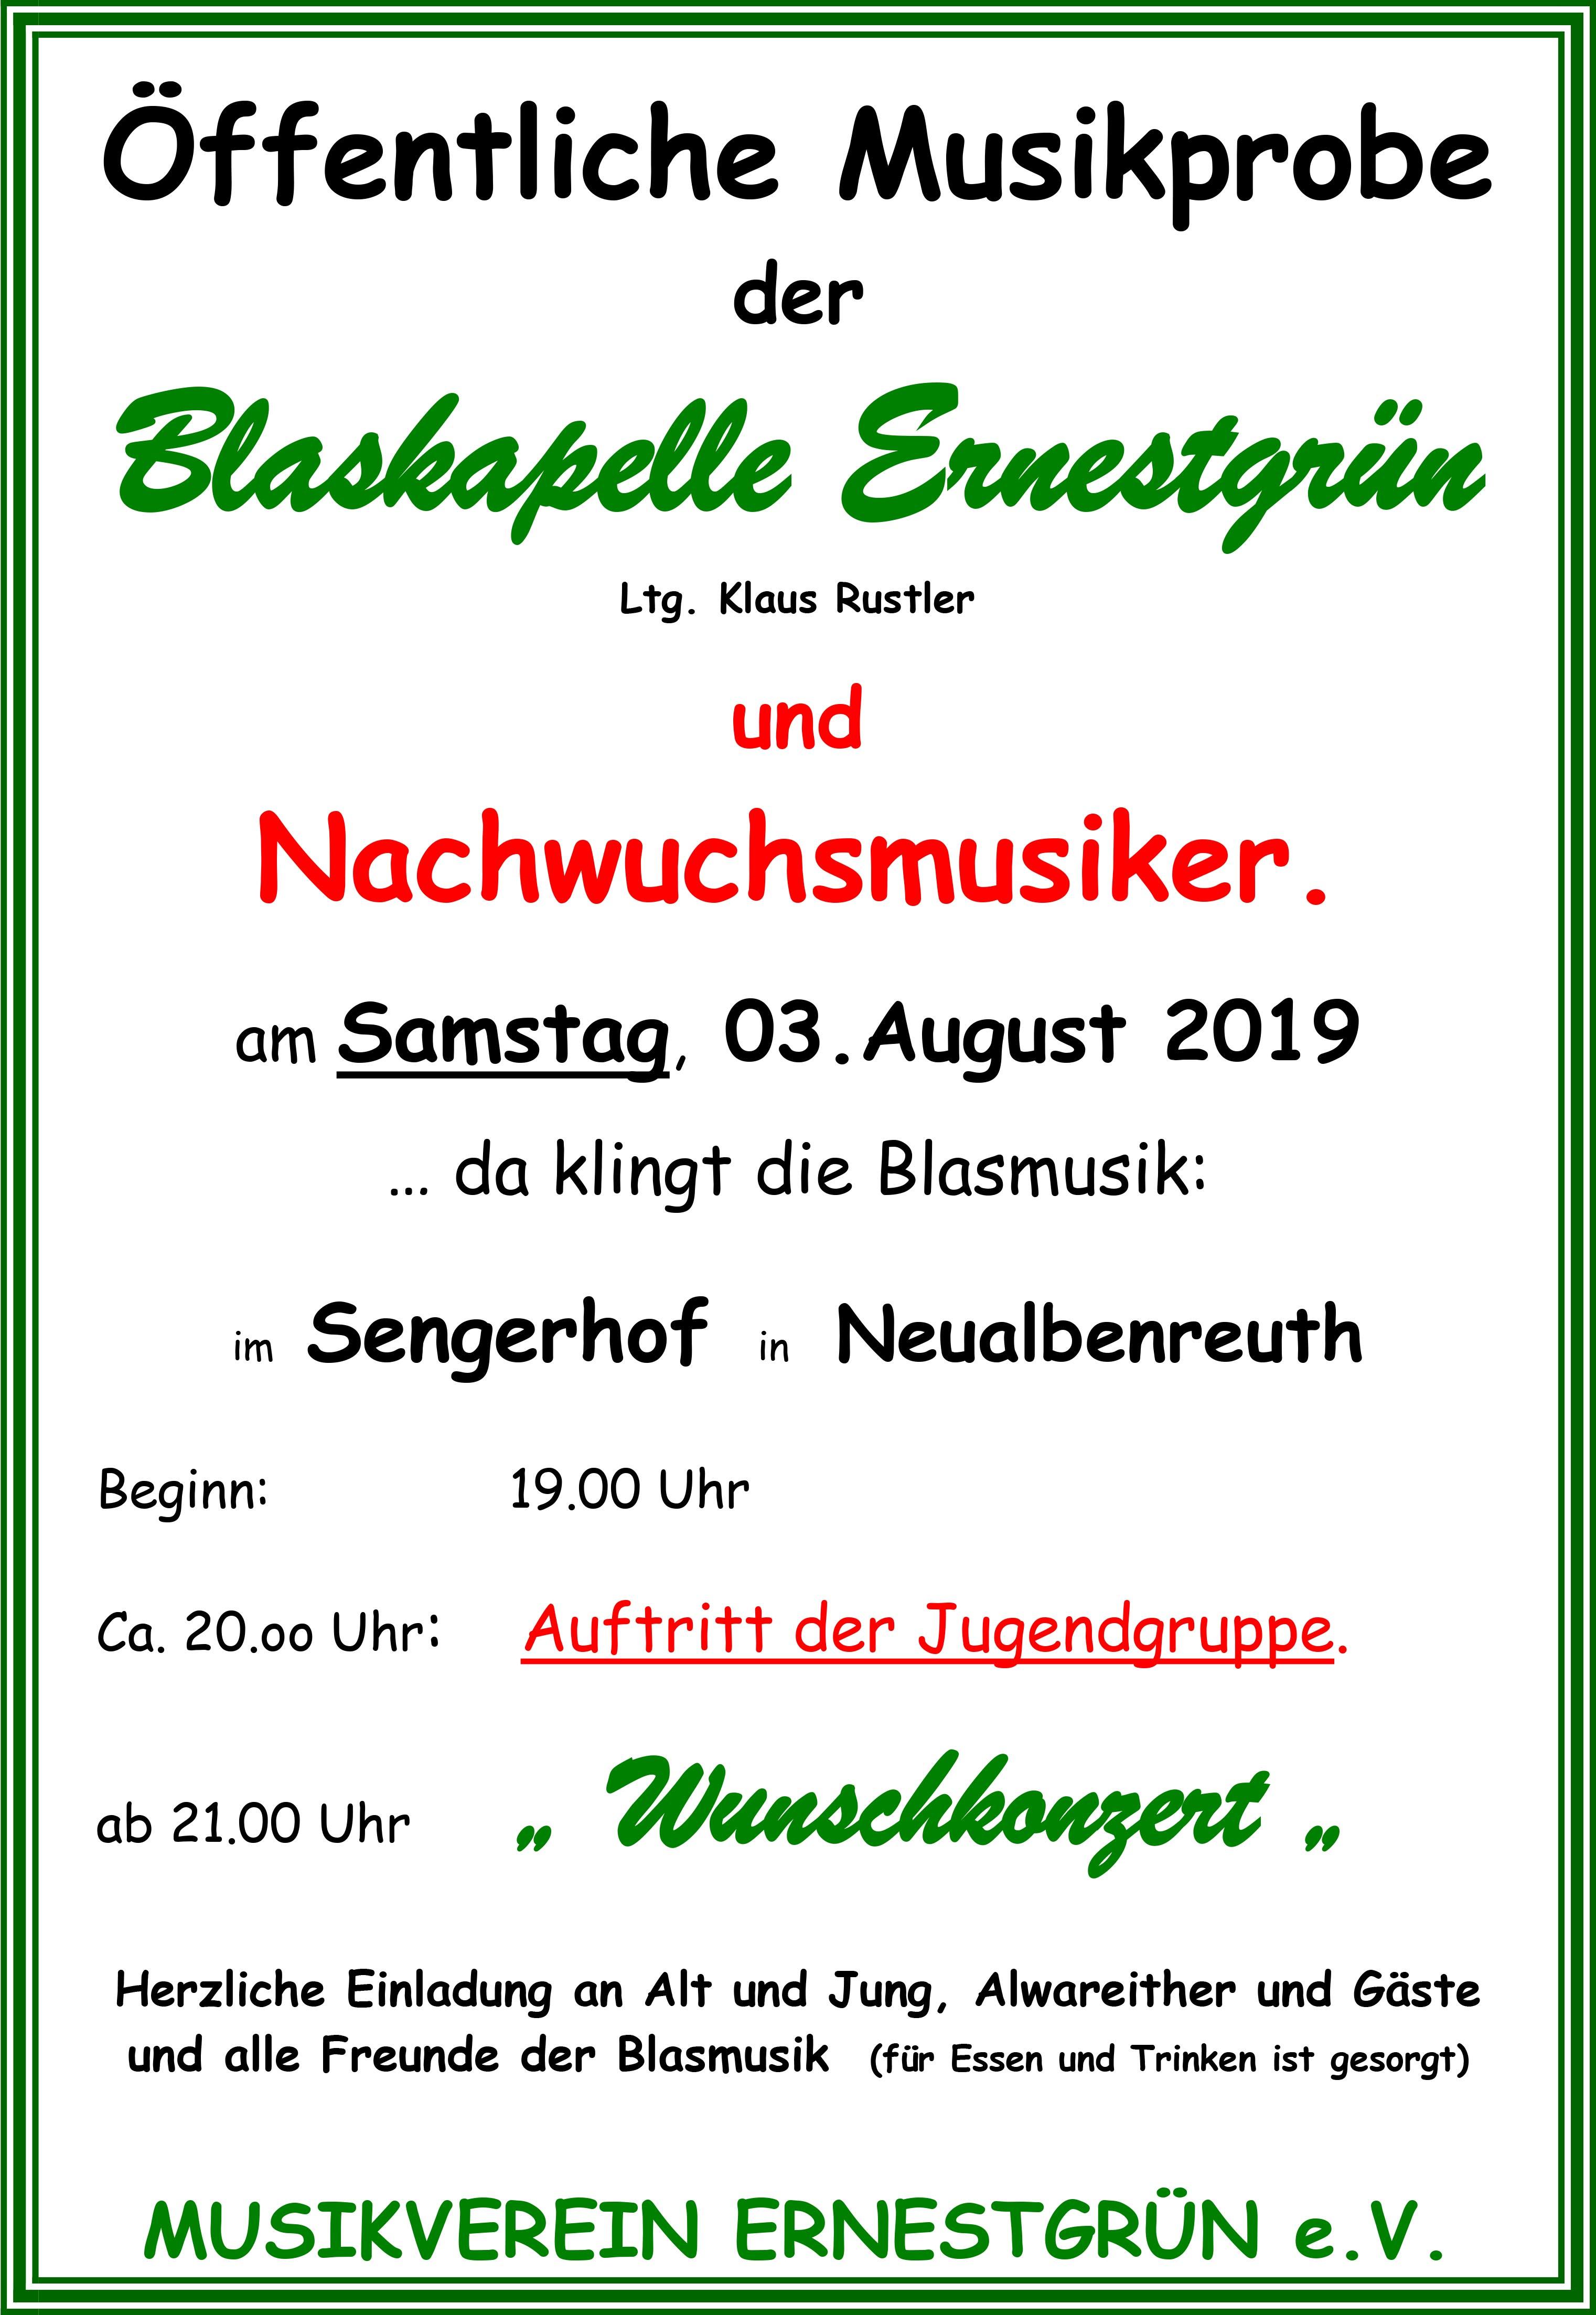 2019-08-03 Öffentliche Musikprobe